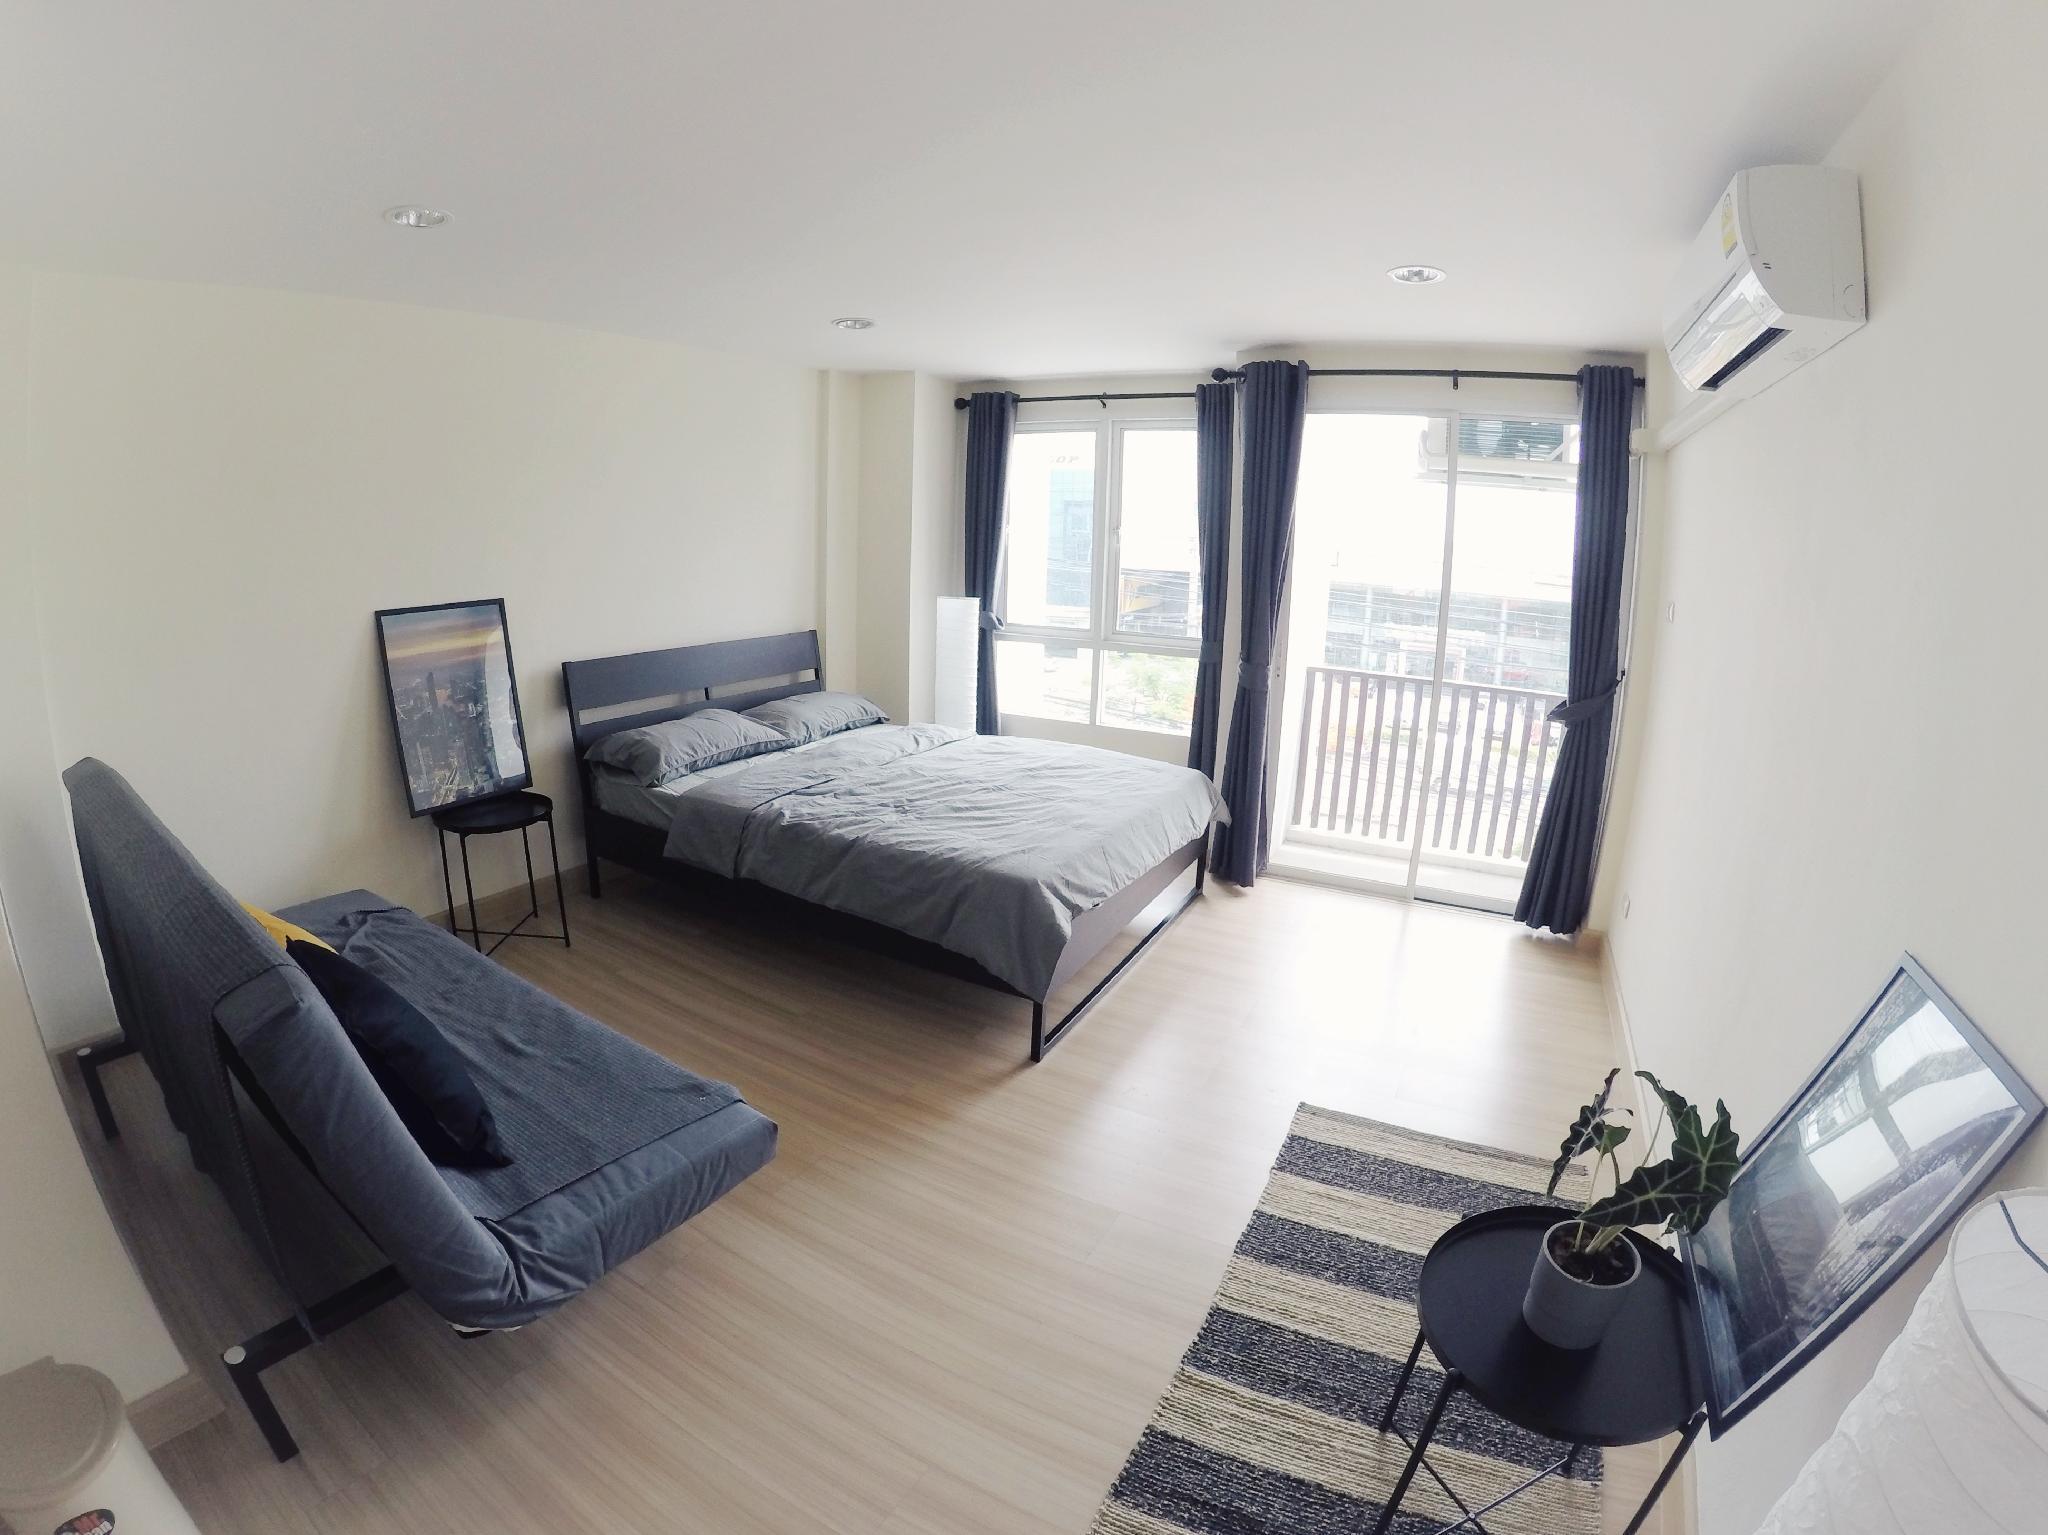 Hostbox Bangkok - Triple Room สตูดิโอ อพาร์ตเมนต์ 1 ห้องน้ำส่วนตัว ขนาด 32 ตร.ม. – สนามบินสุวรรณภูมิ